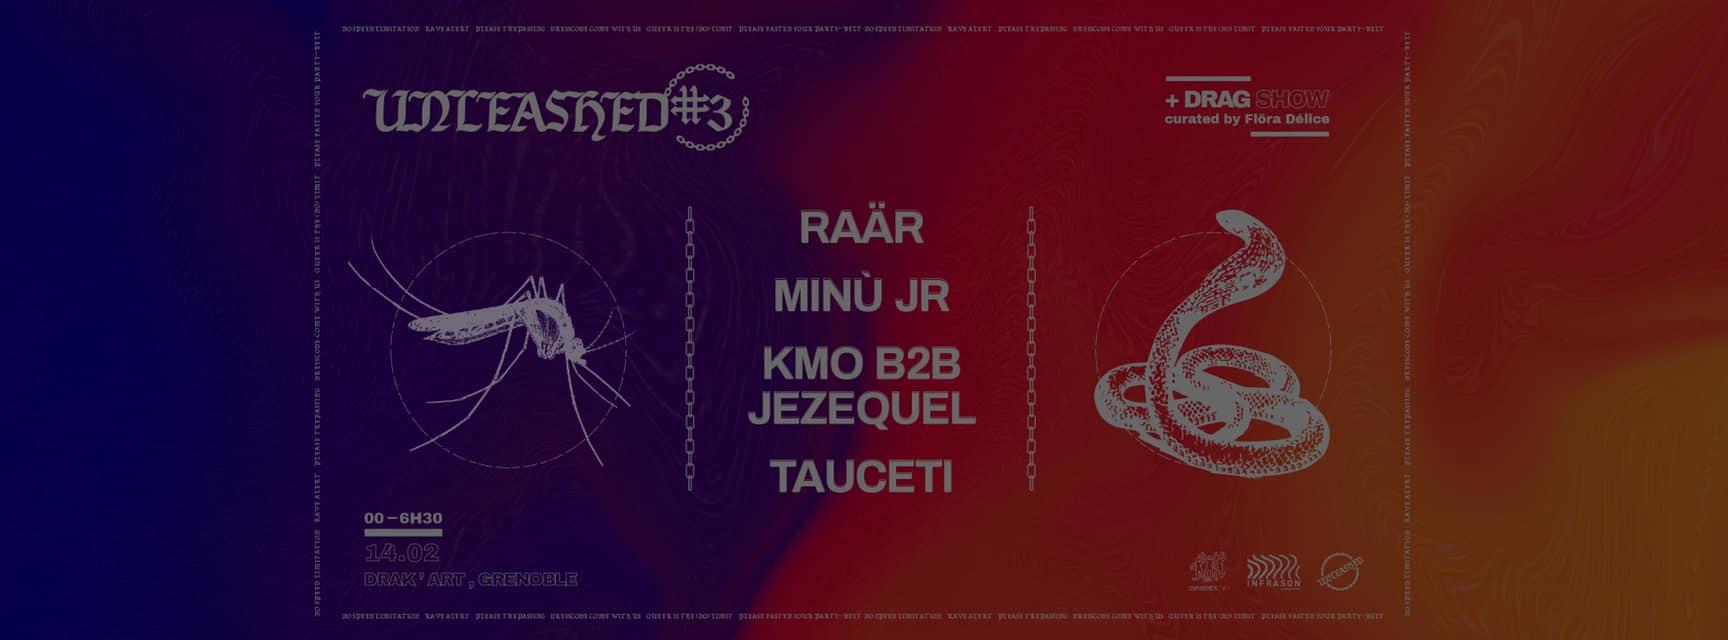 Unleashed #3 // Raär ~ KMO b2b Jezequel ~ Tauceti ~ Minù Jr